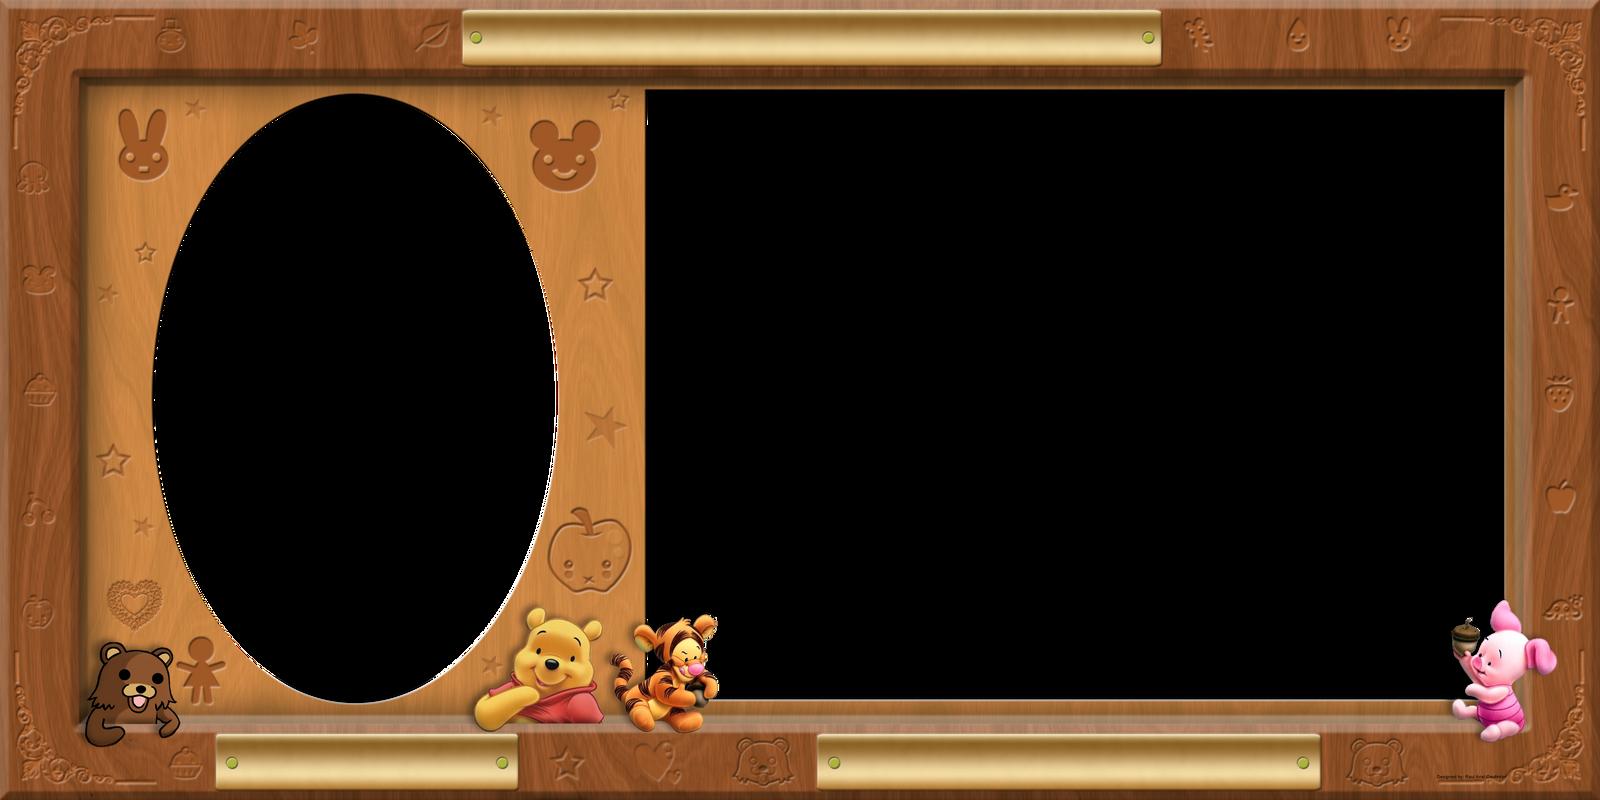 Pedobear School Picture Frame by Zorro64 on DeviantArt